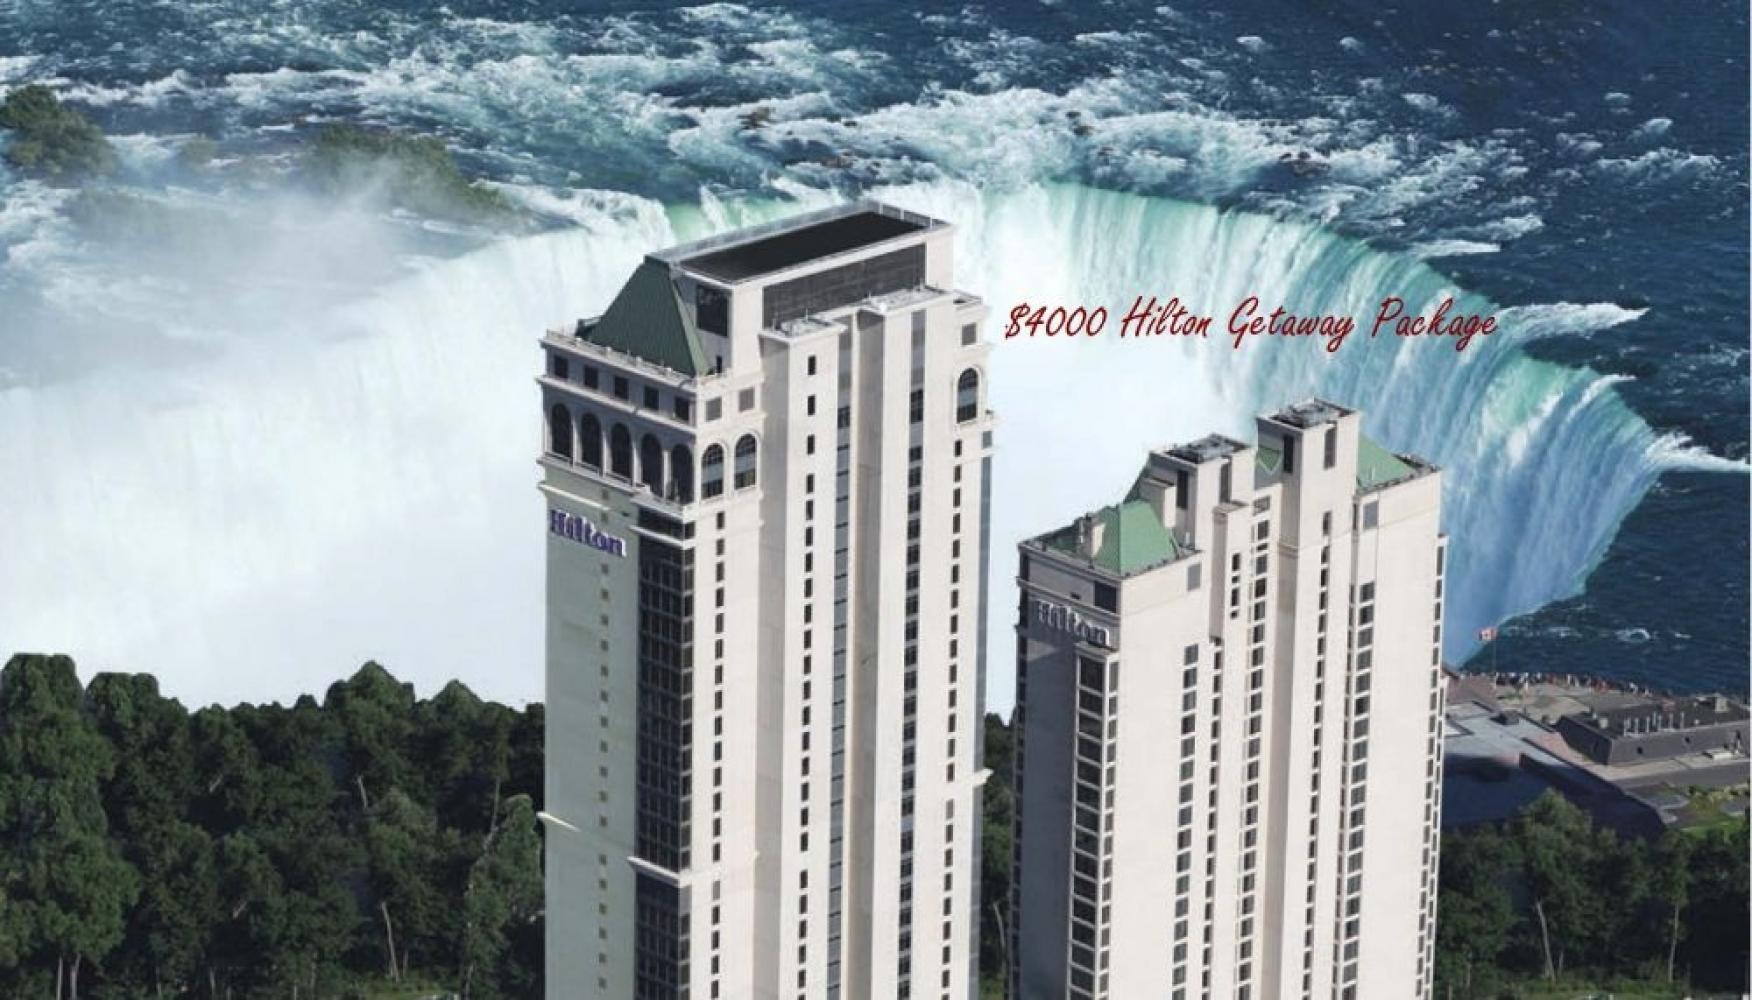 $4000 Hilton Niagara Get Away